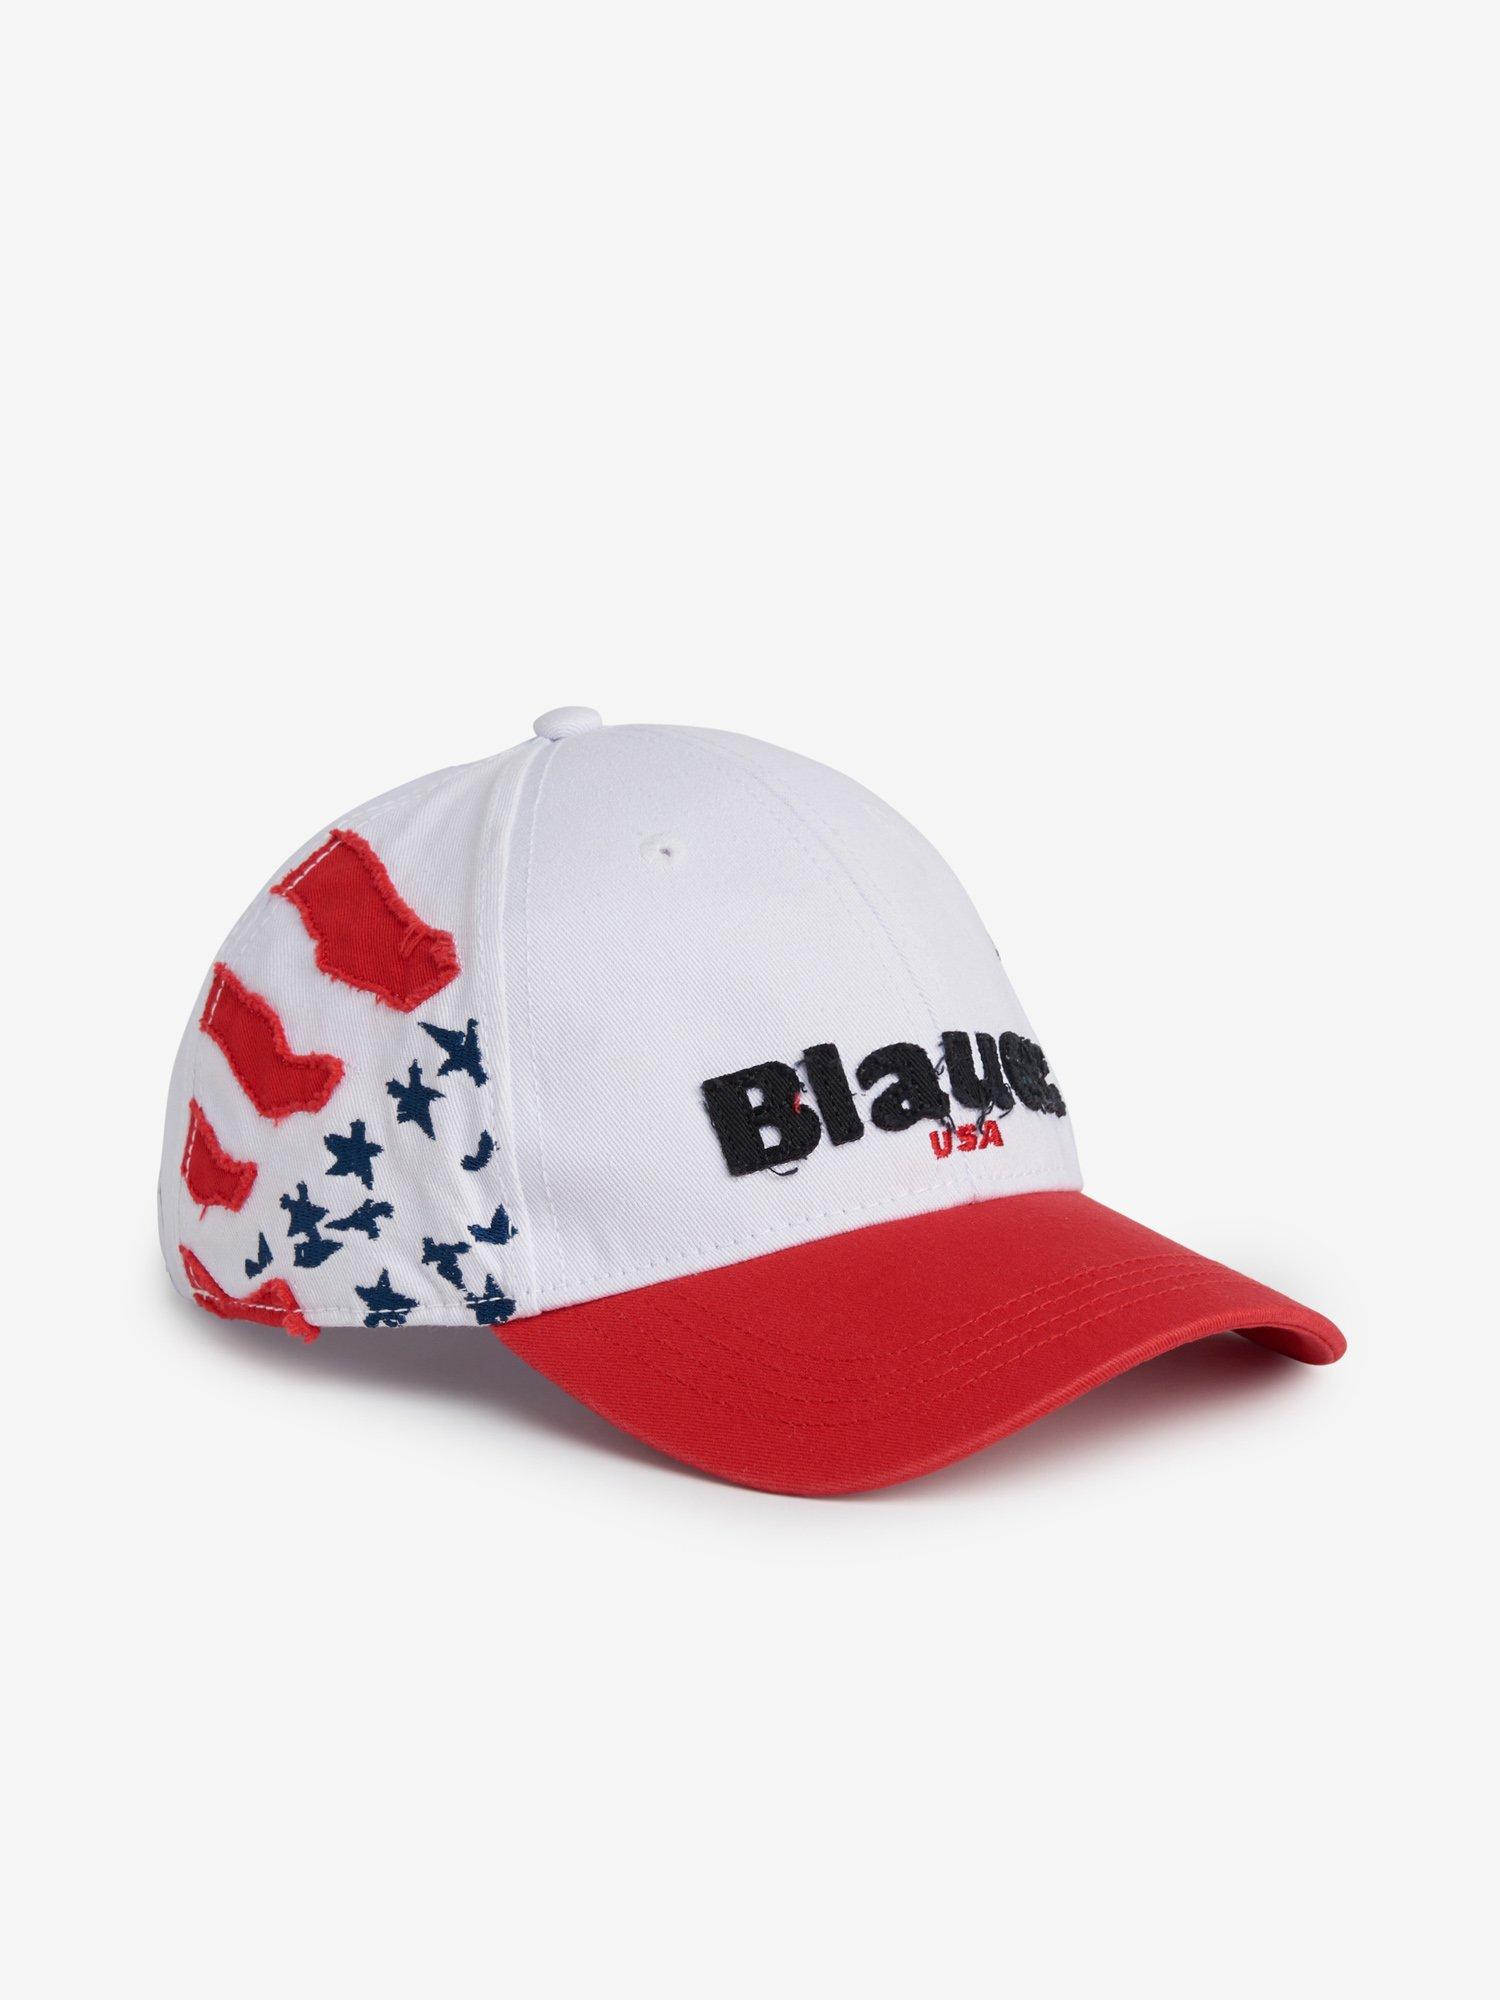 BASECAP BOSTON BLAUER 36 - Blauer